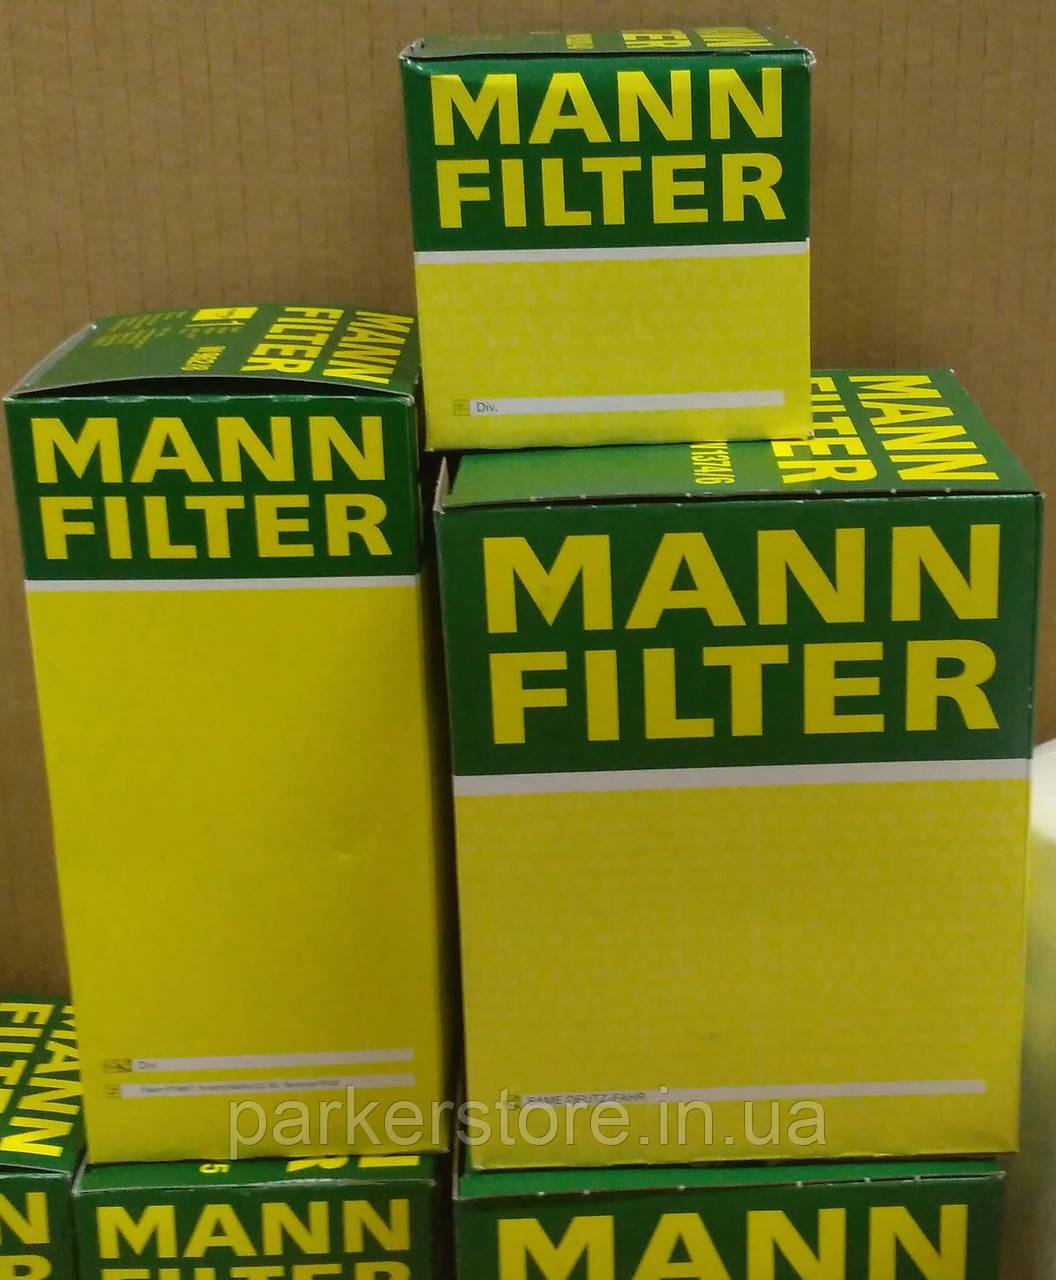 MANN FILTER / Воздушный фильтр / C 2490 / C2490